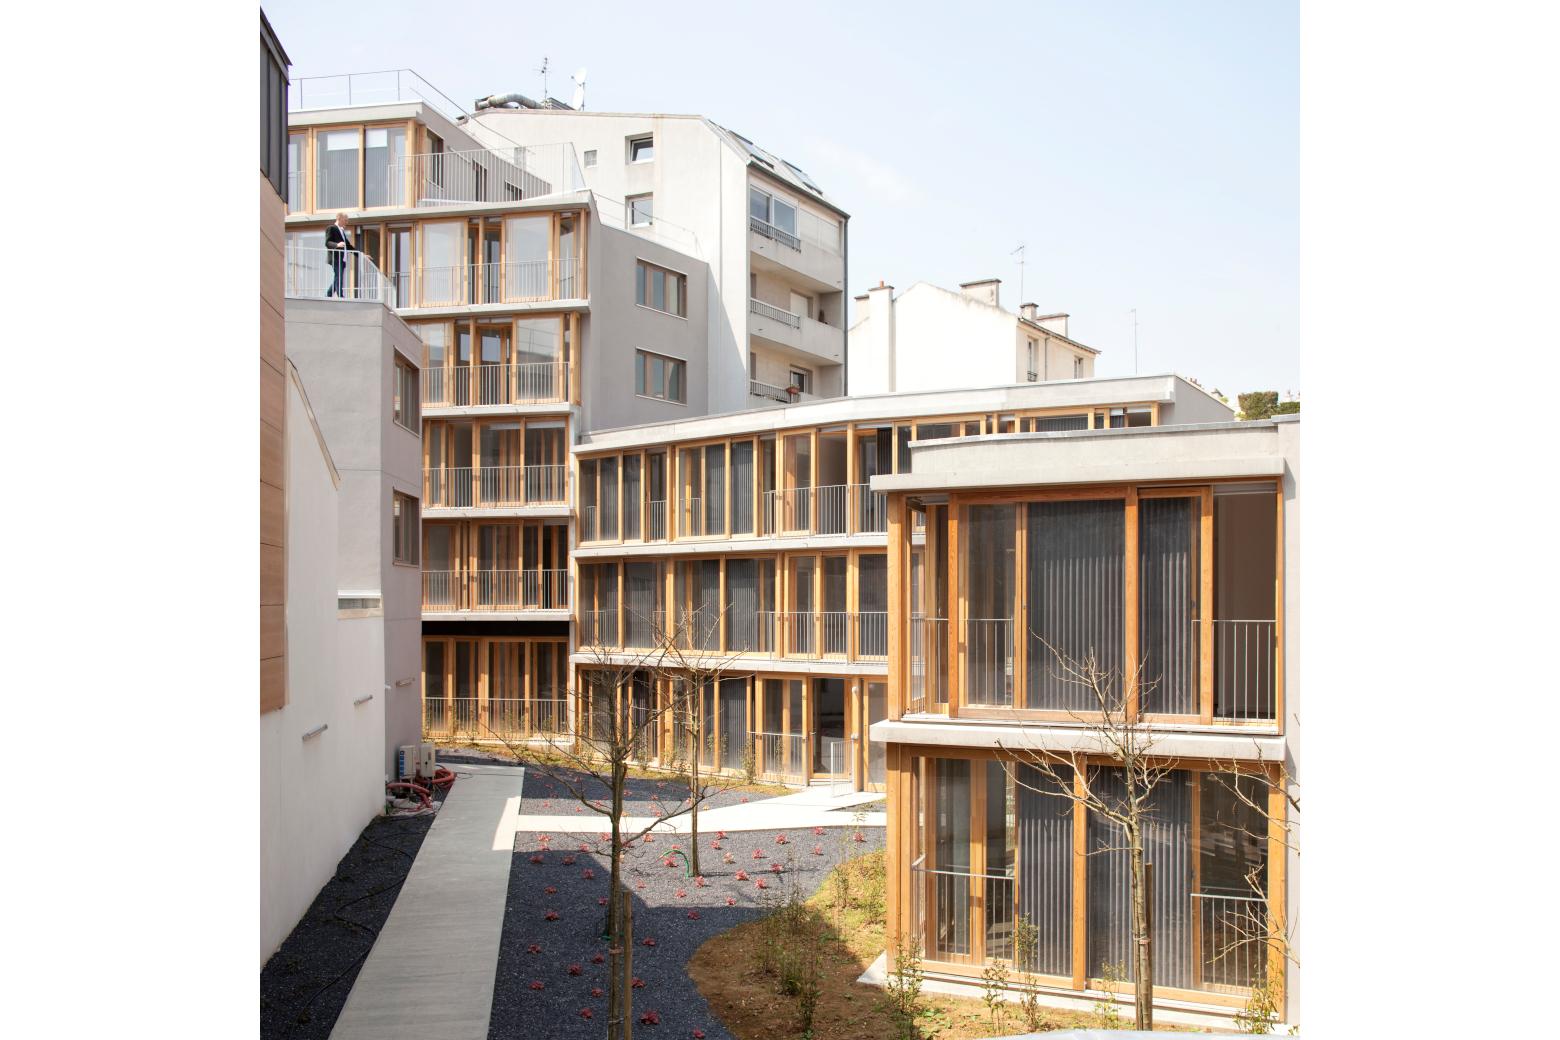 Die Architektur des Realen in Frankreich Armand Nouvet, Orteaux Paris © Clément Guillaume Perspektive